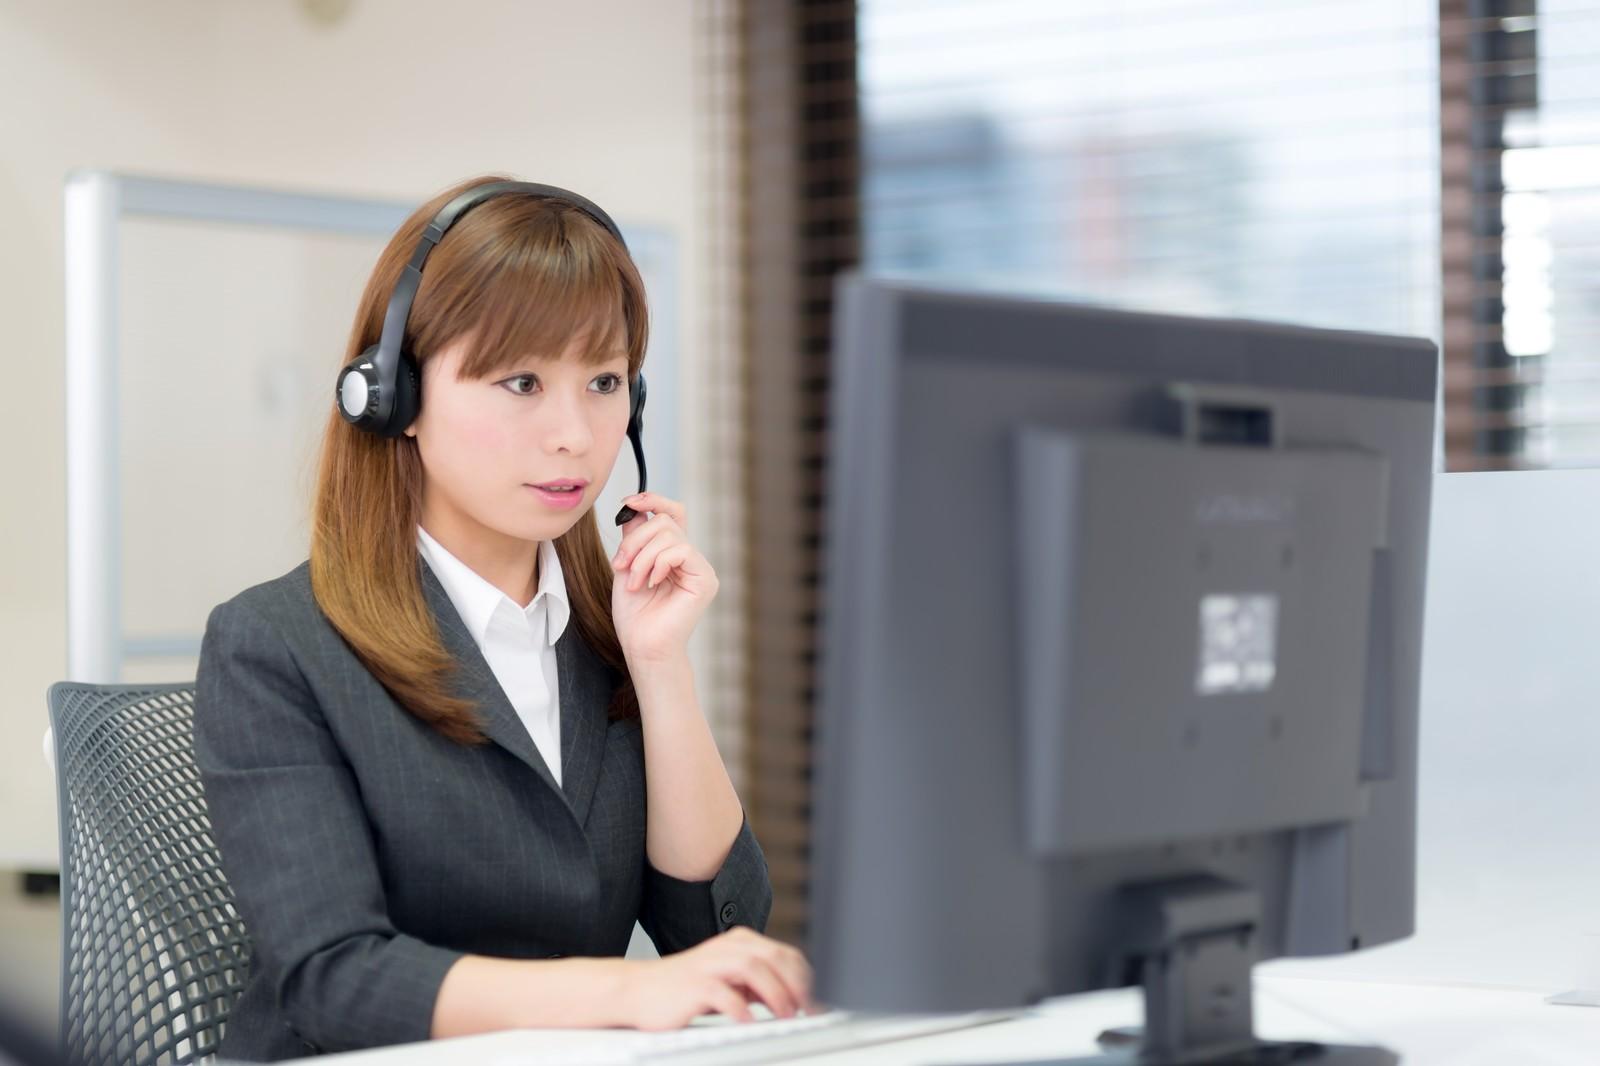 コールセンターと事務の仕事内容の違い